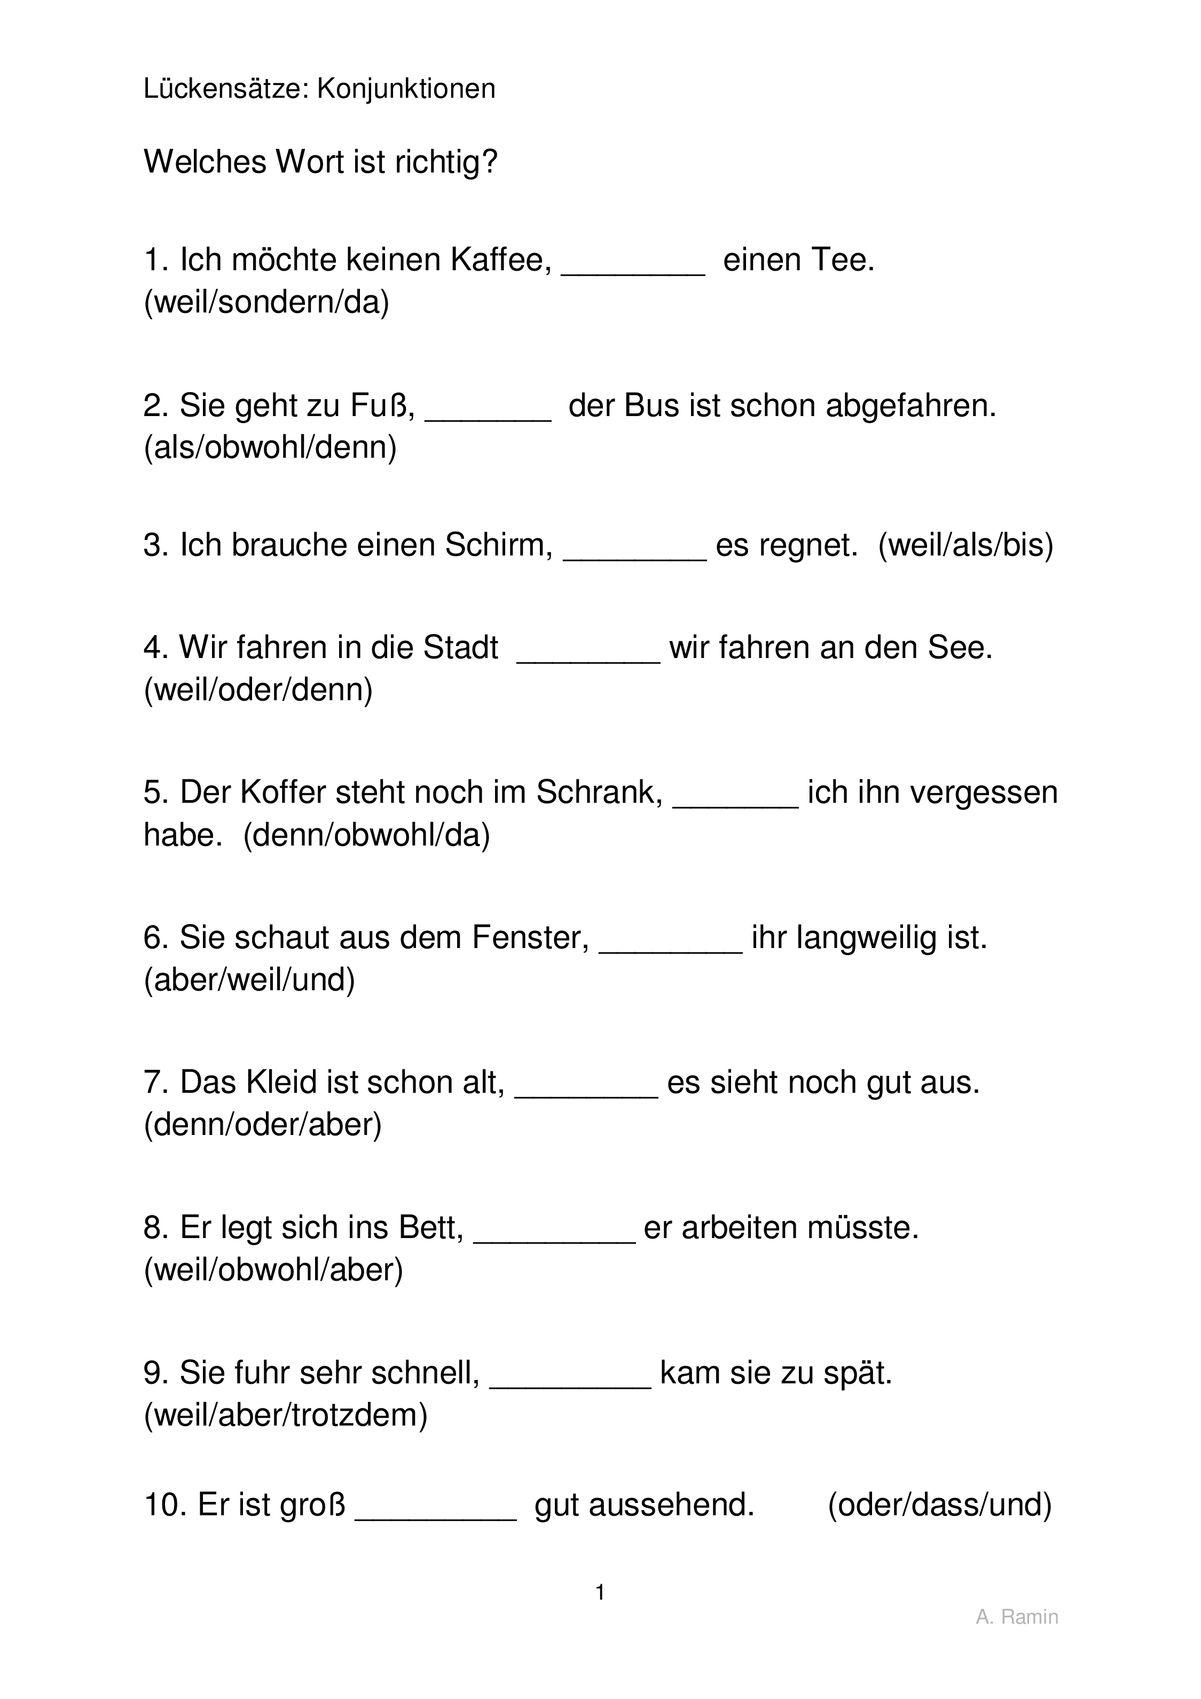 Fantastisch Koordinierende Konjunktionen Arbeitsblatt Zeitgenössisch ...